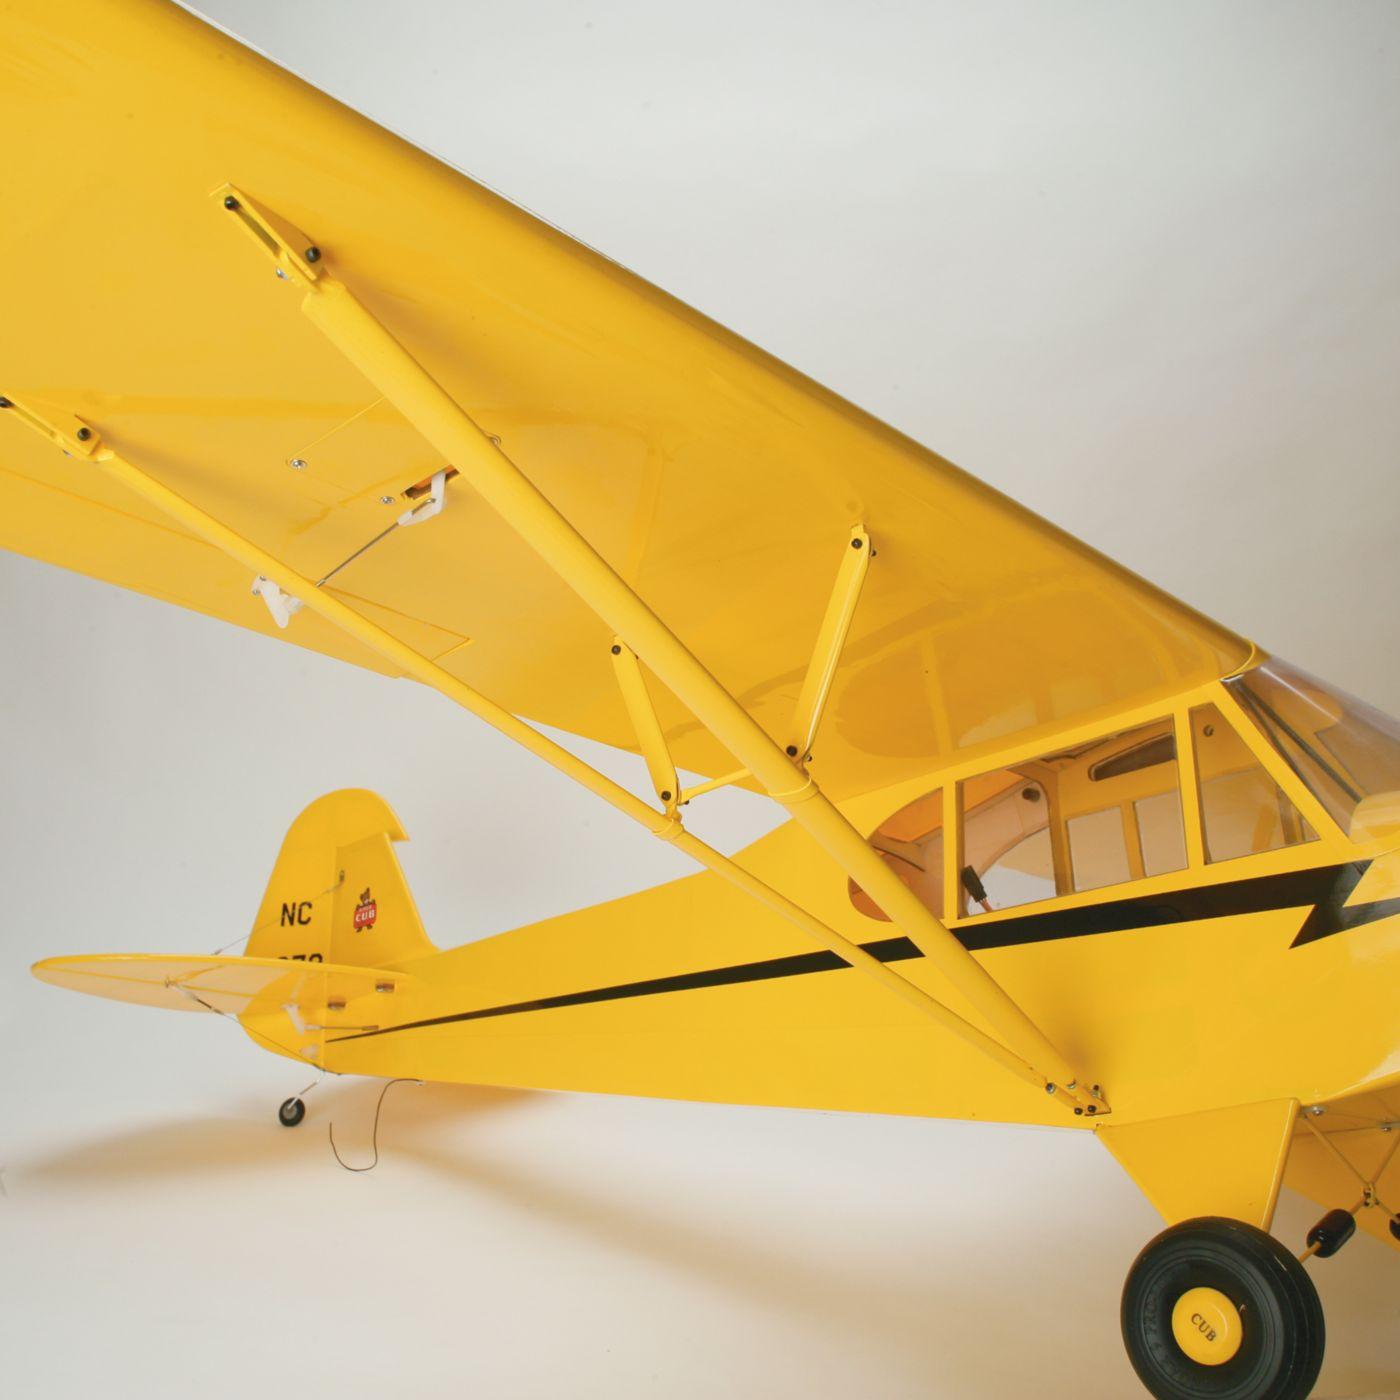 Piper Cub J-3 hangar 9